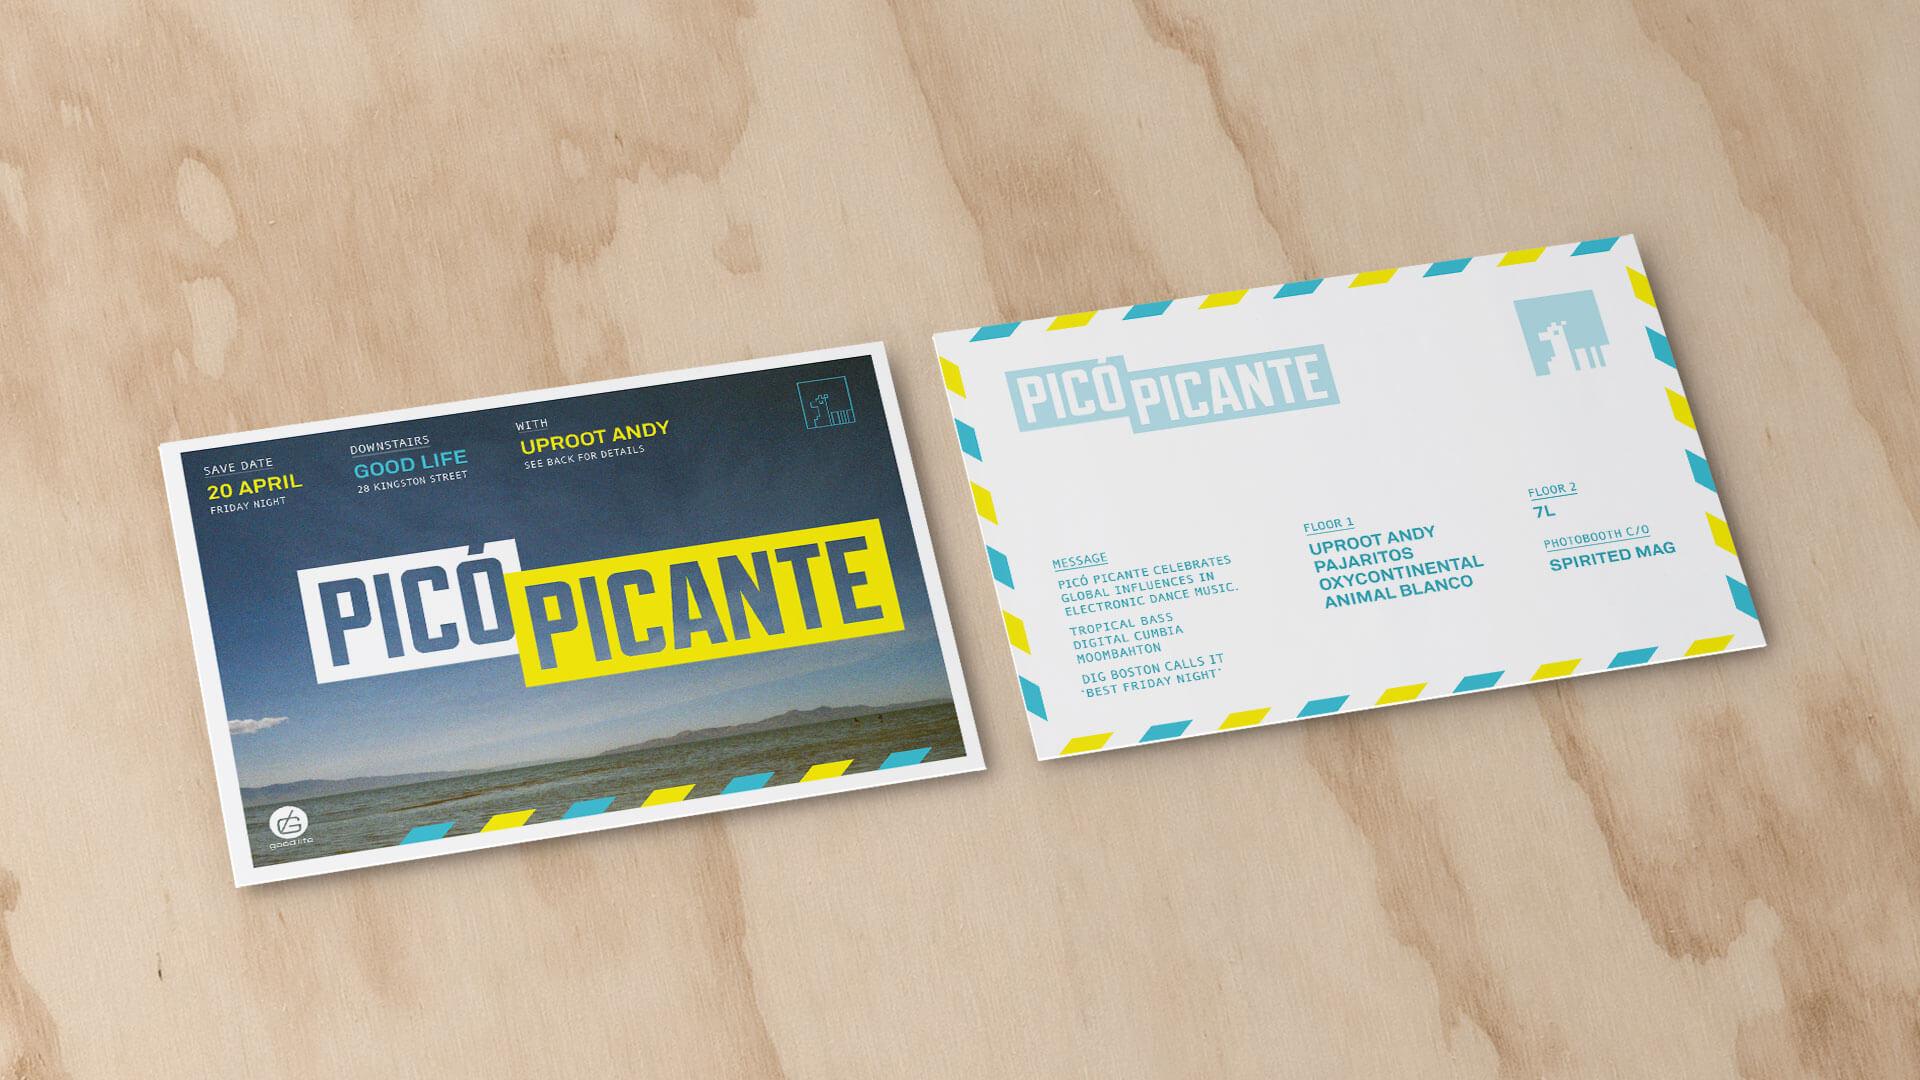 studio-malagon-pico-picante-postcard-mockup